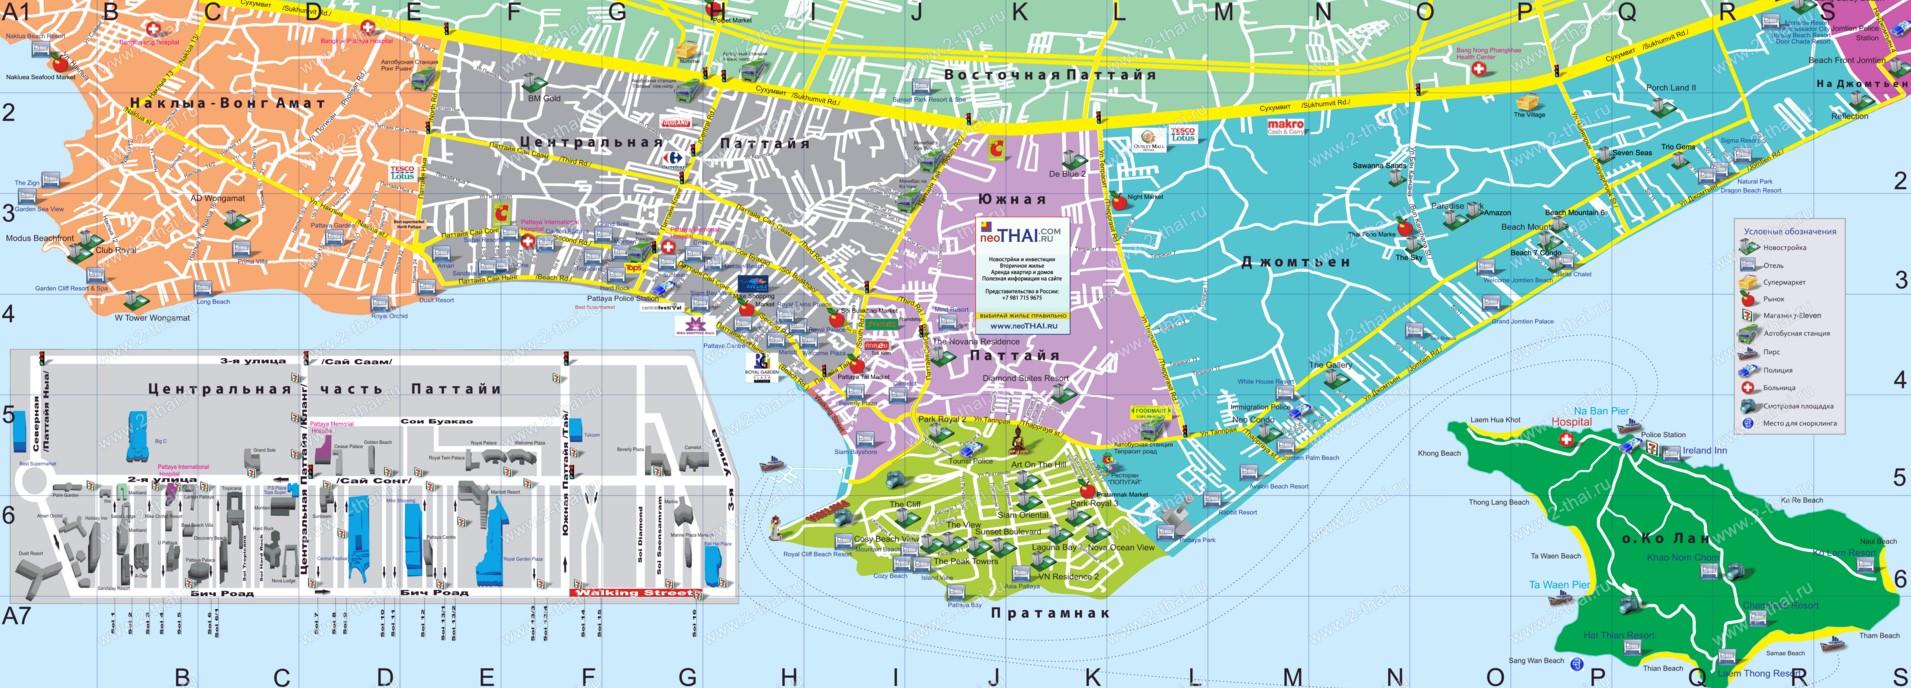 Туристическая карта Паттайи на русском языке